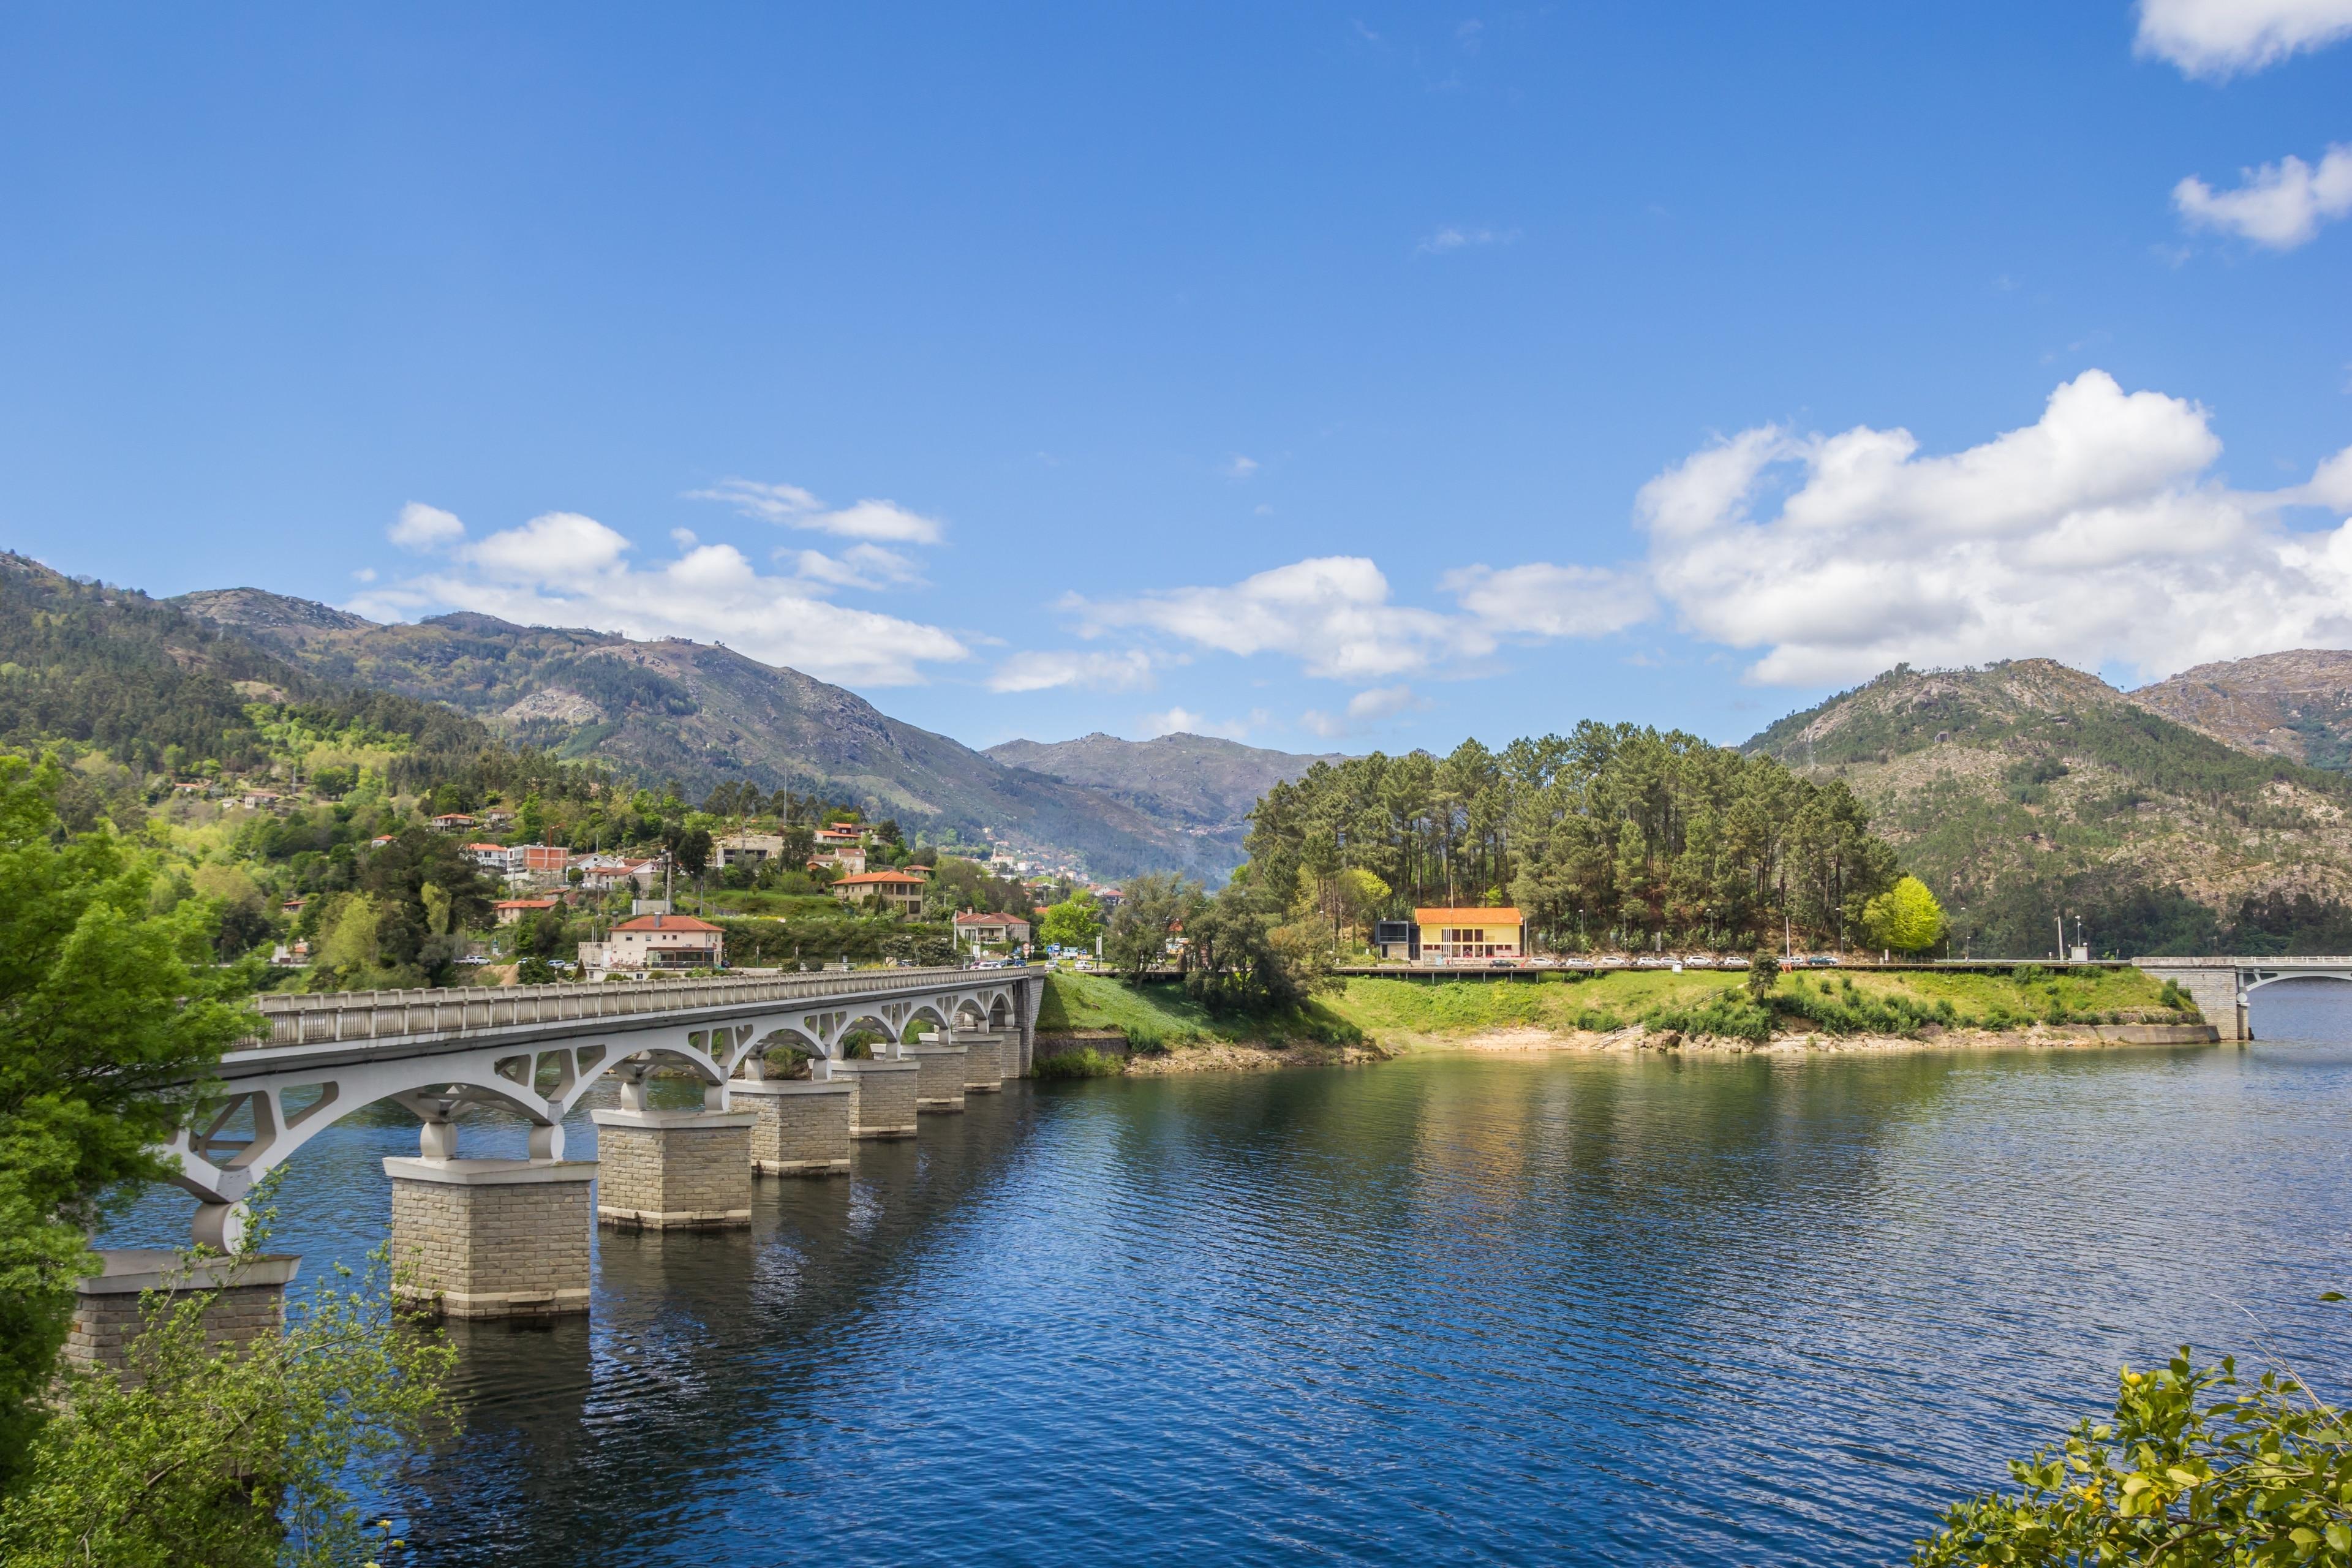 Parque Nacional da Peneda-Geres, Viana do Castelo District, Portugal